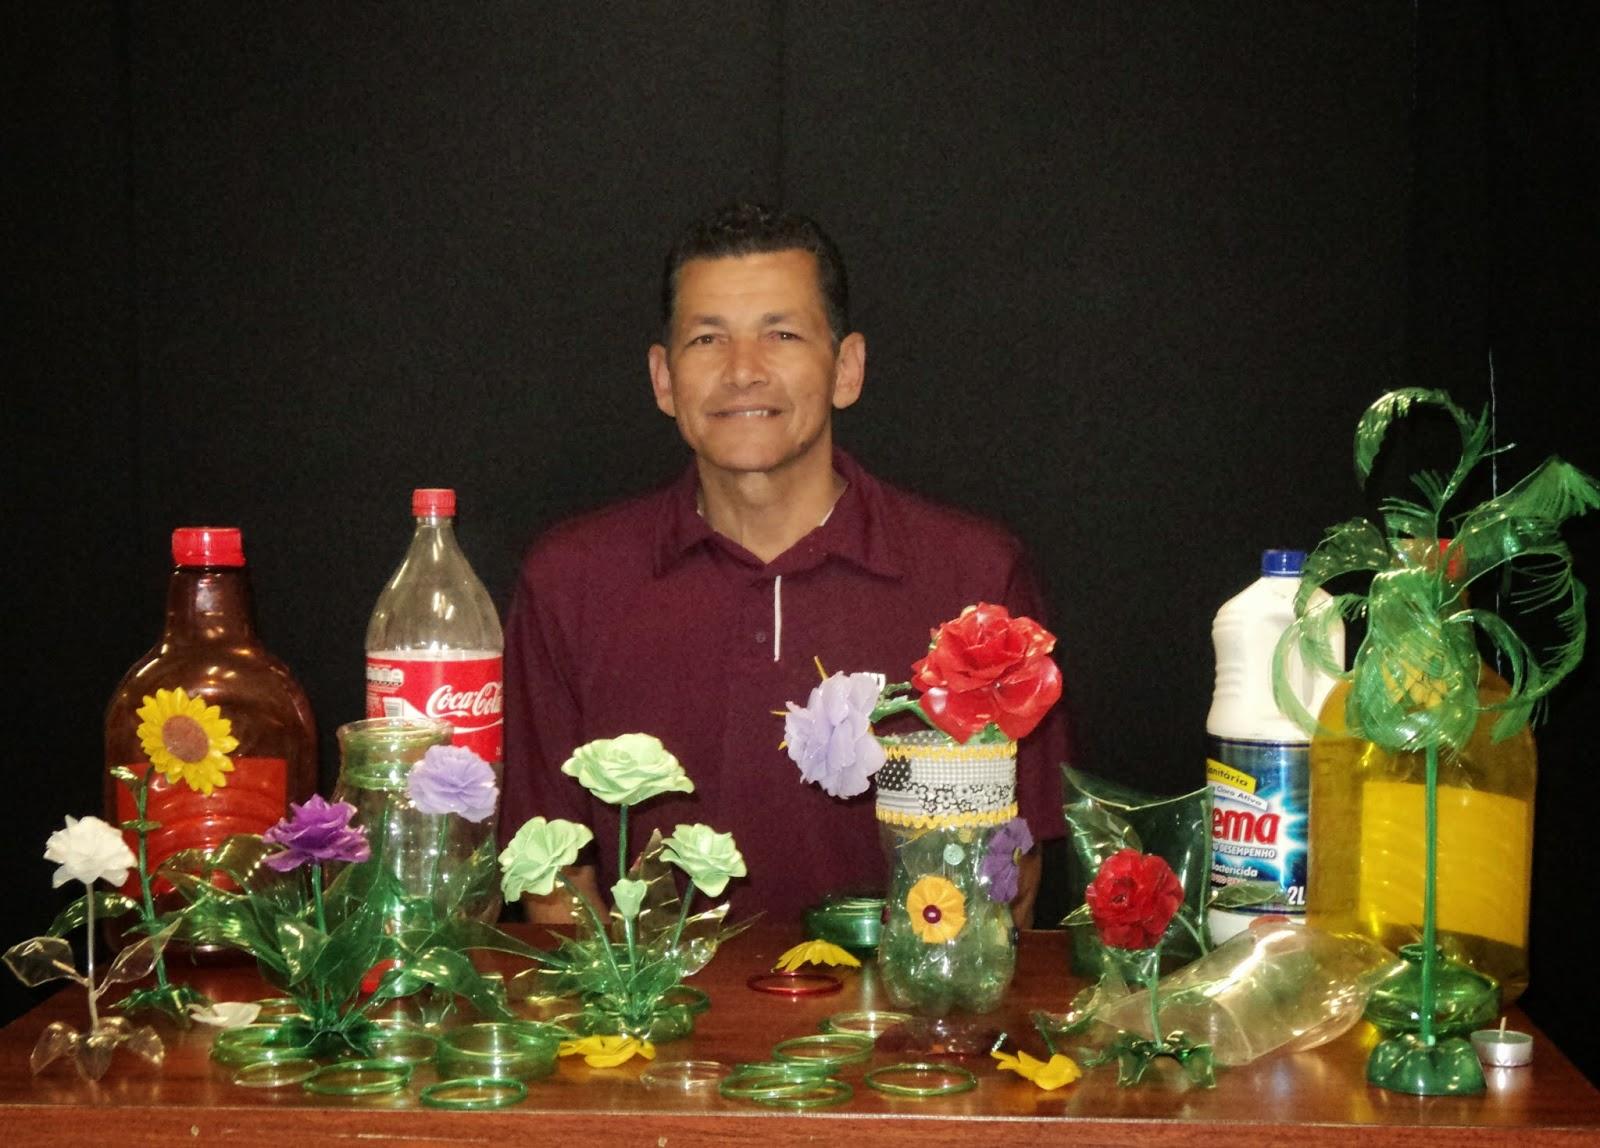 Ivan Belitardo e trabalhos com garrafas PET